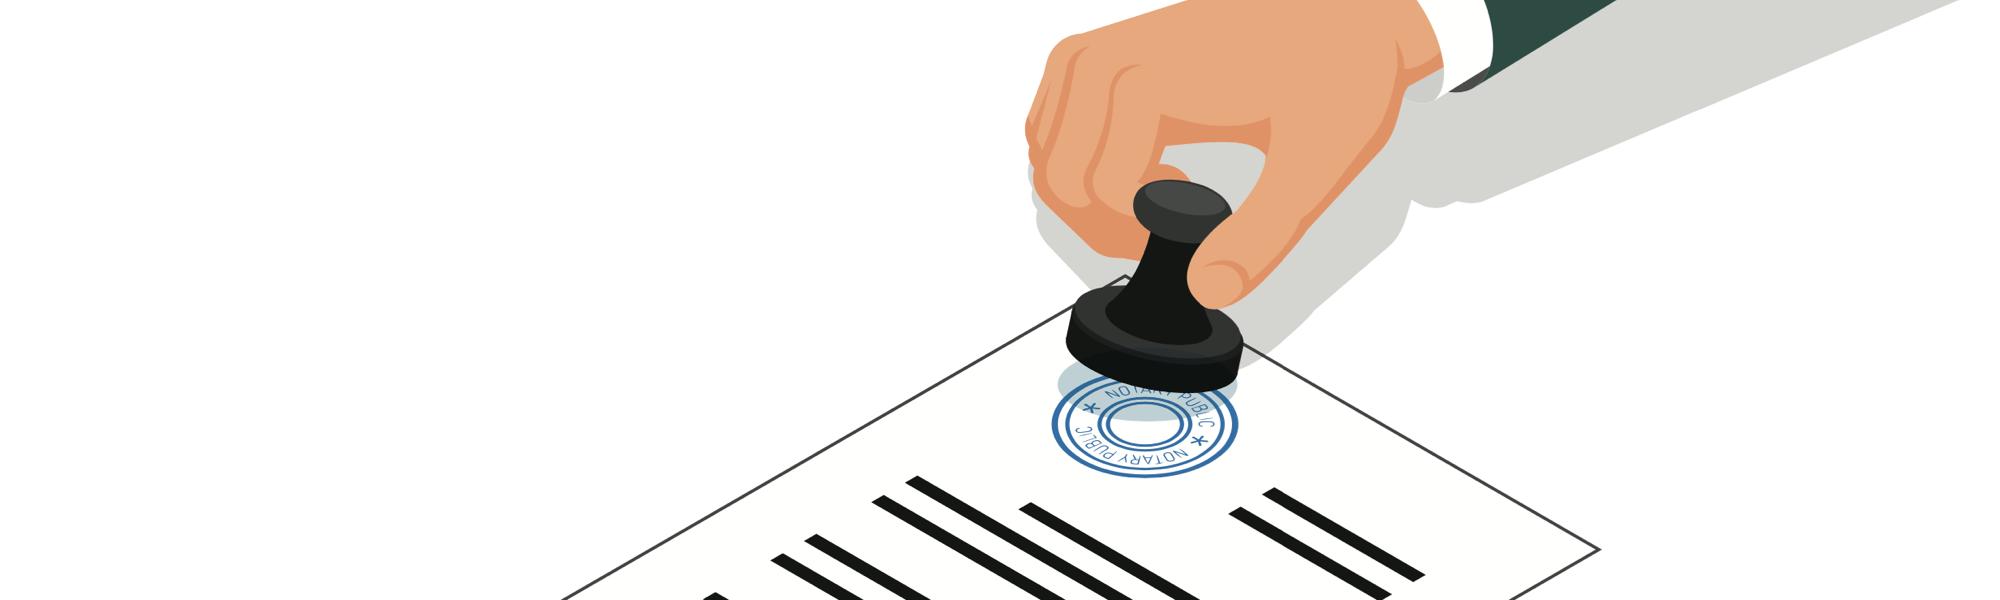 Main d'un notaire en train d'appliquer son sceau à un contrat locatif